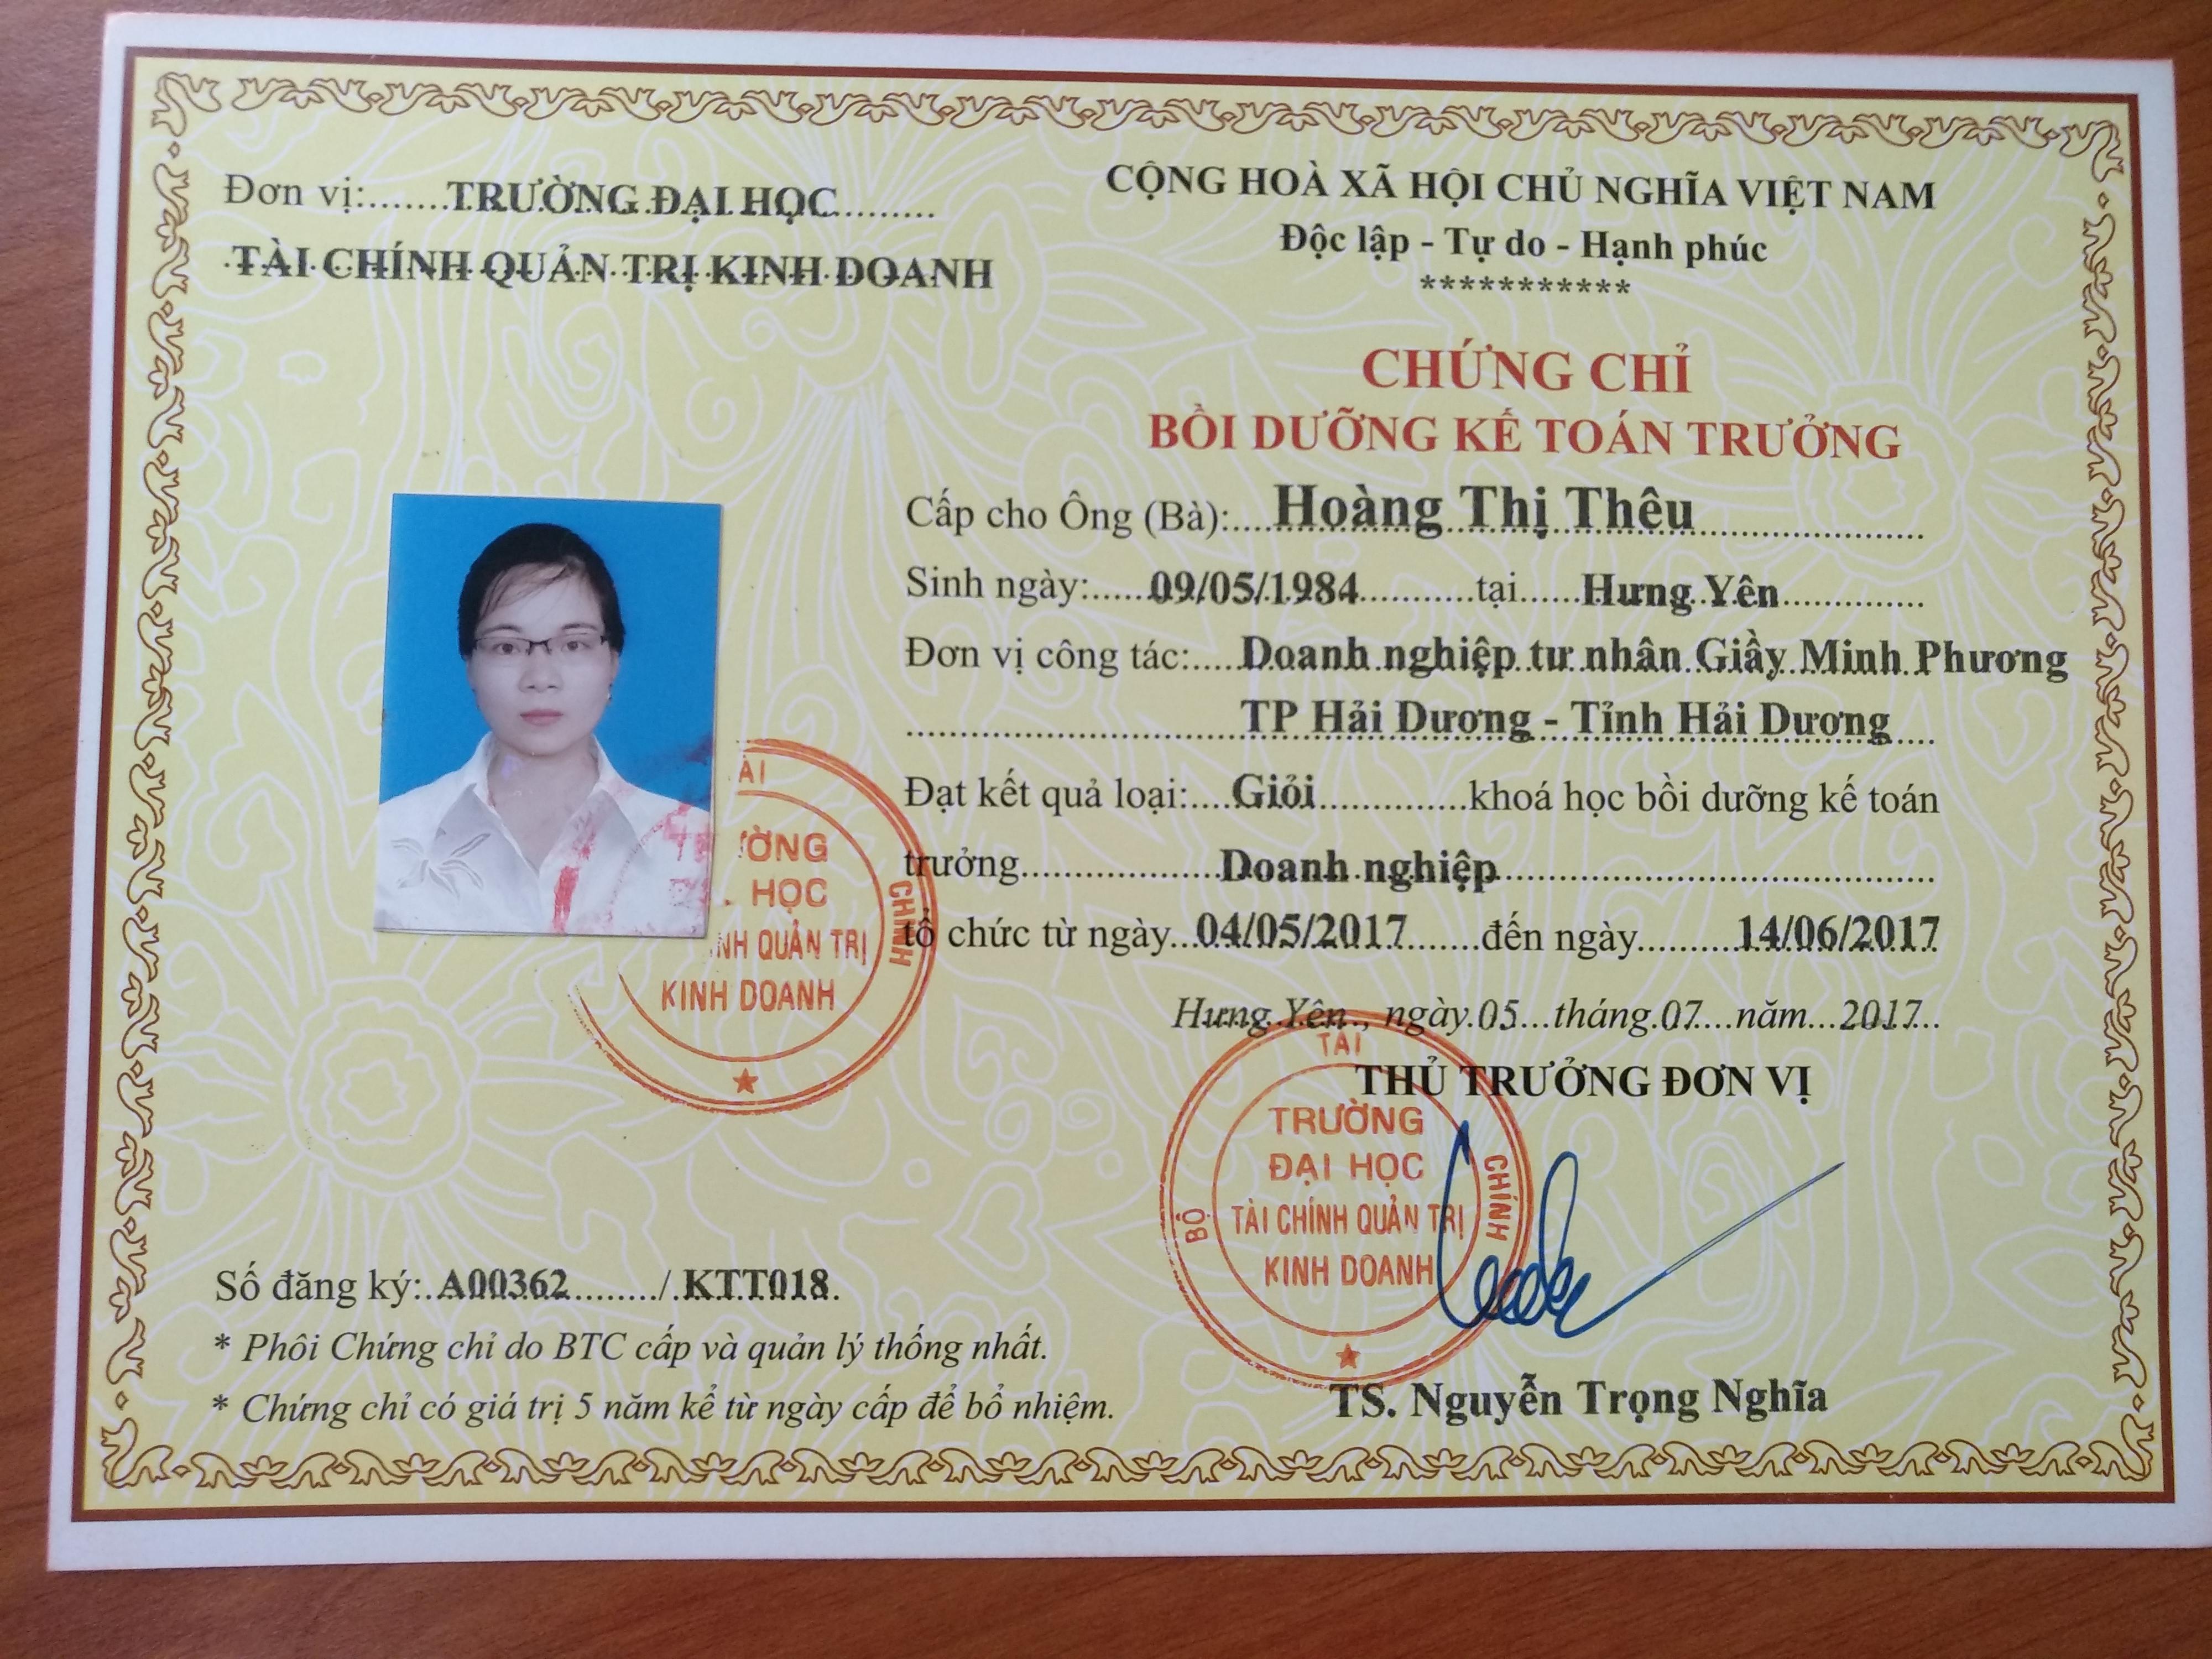 Đào tạo chứng chỉ kế toán trưởng tại Hà Nội - Cô Hằng phòng đào tạo